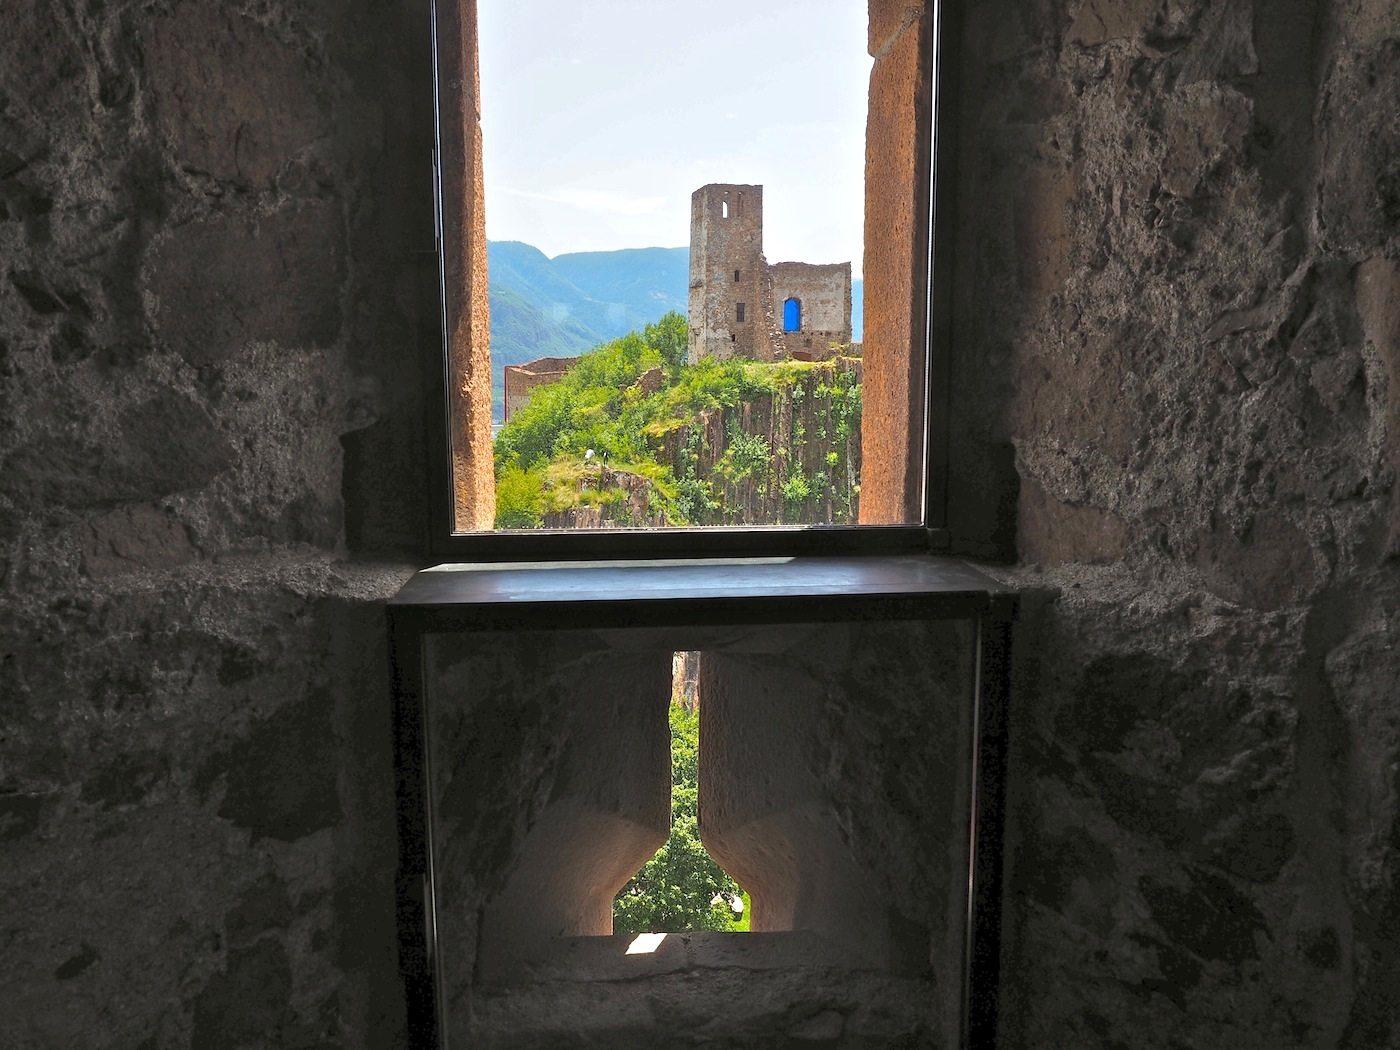 Blicköffner..  Keines der 137 Stahlfenster in Firmian gleicht dem anderen, wo immer möglich fassen sie einen Ausblick besonders ein. Hier auf den ältesten Teil der Burg, der nicht besucht werden darf.